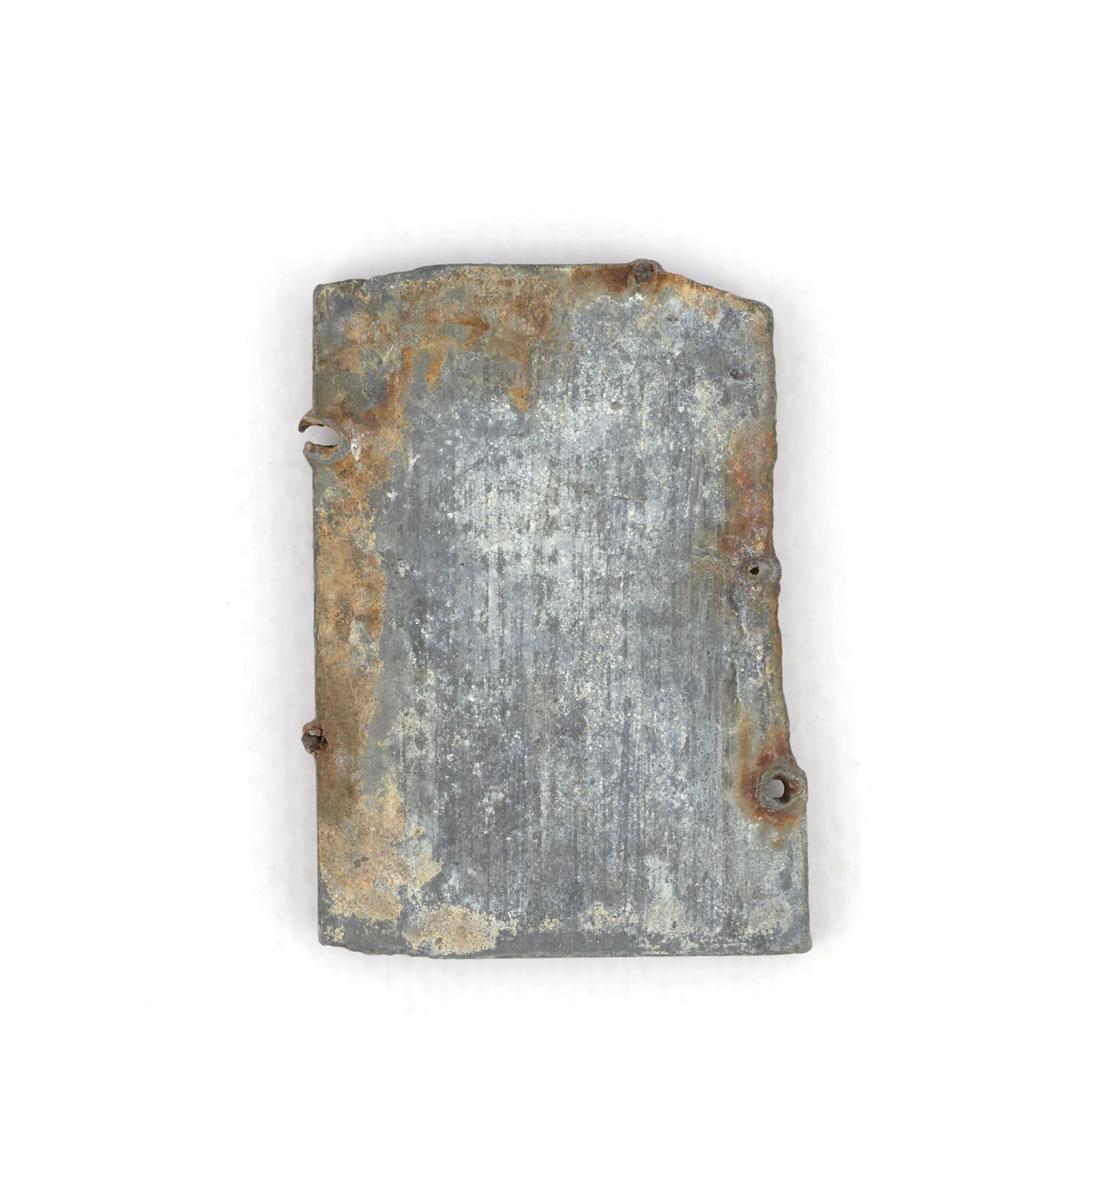 Vue du revers de la matrice de gravure figurant le foyer hygiénique « Godinette